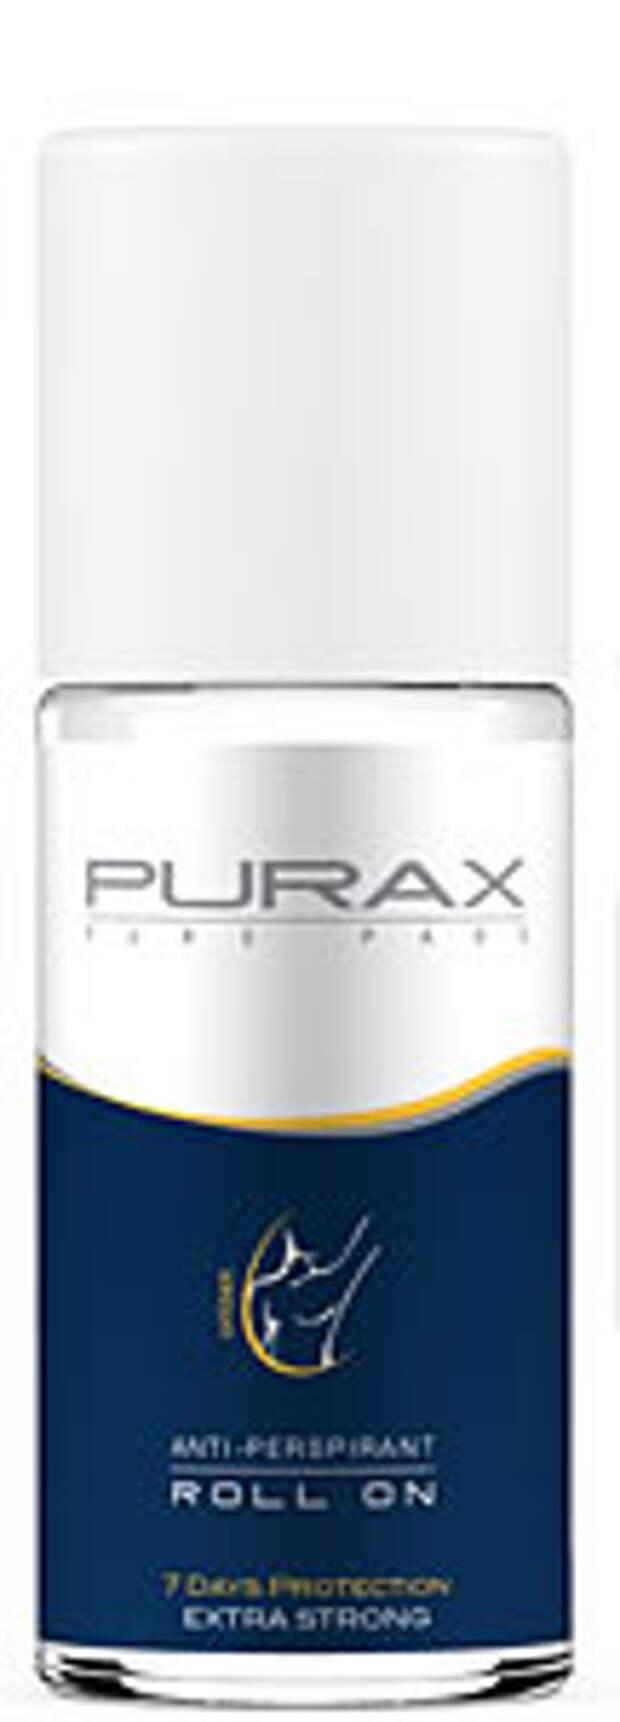 PURAX – решит проблему повышенного потовыделения (мокрых подмышек, влажных ладошек и ступней, гиперг